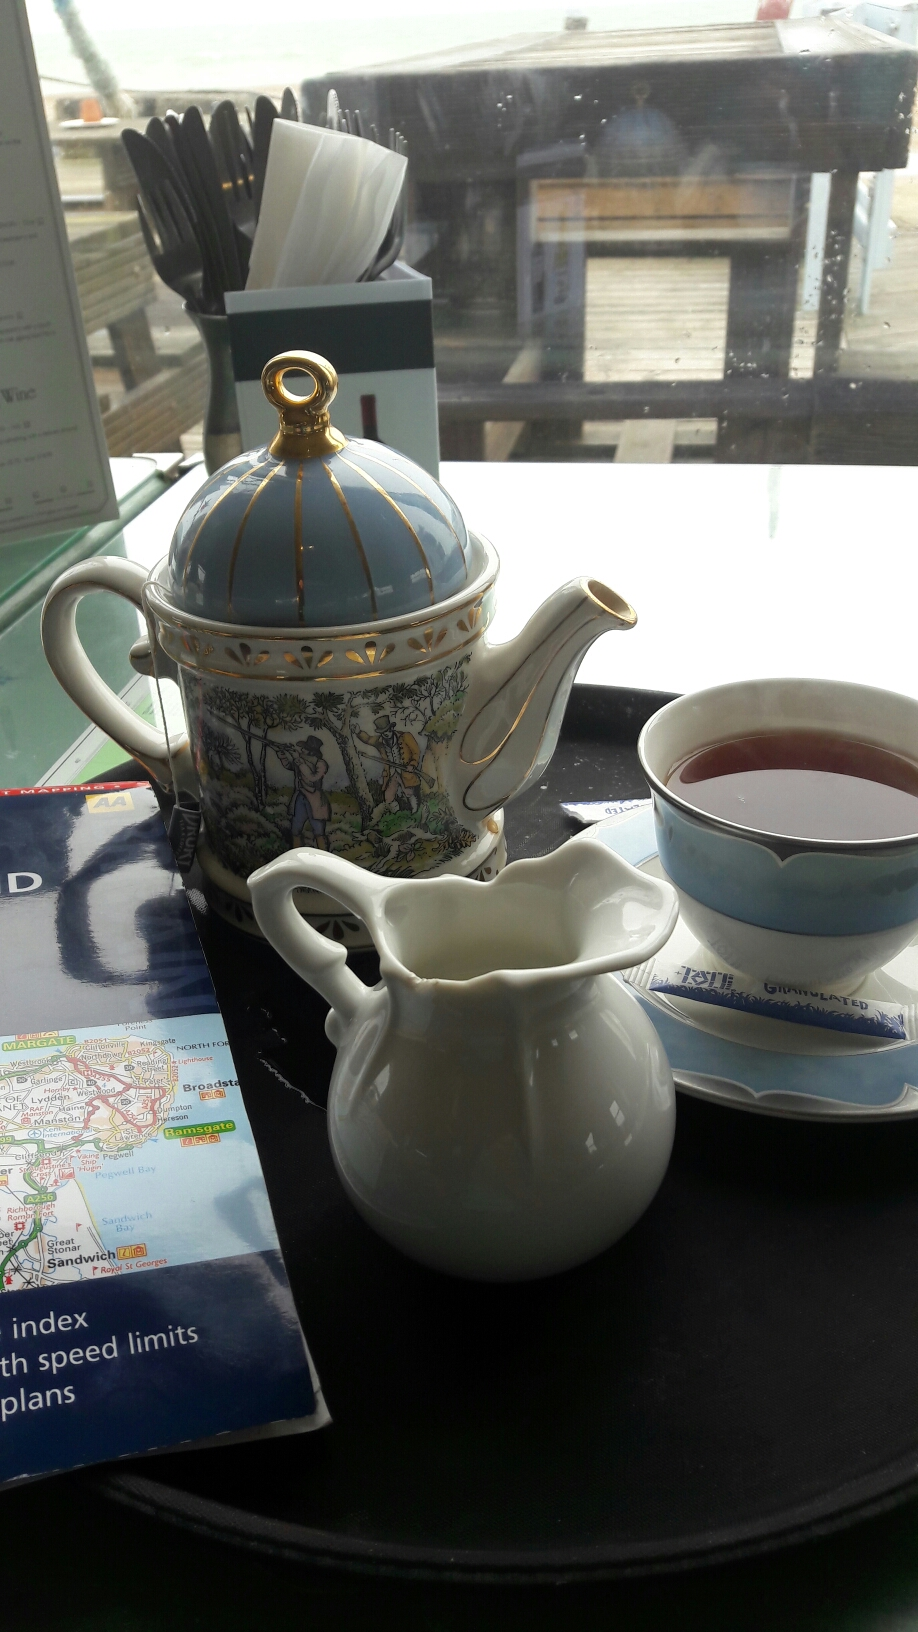 ... dafür aber guten englischen Tee getrunken